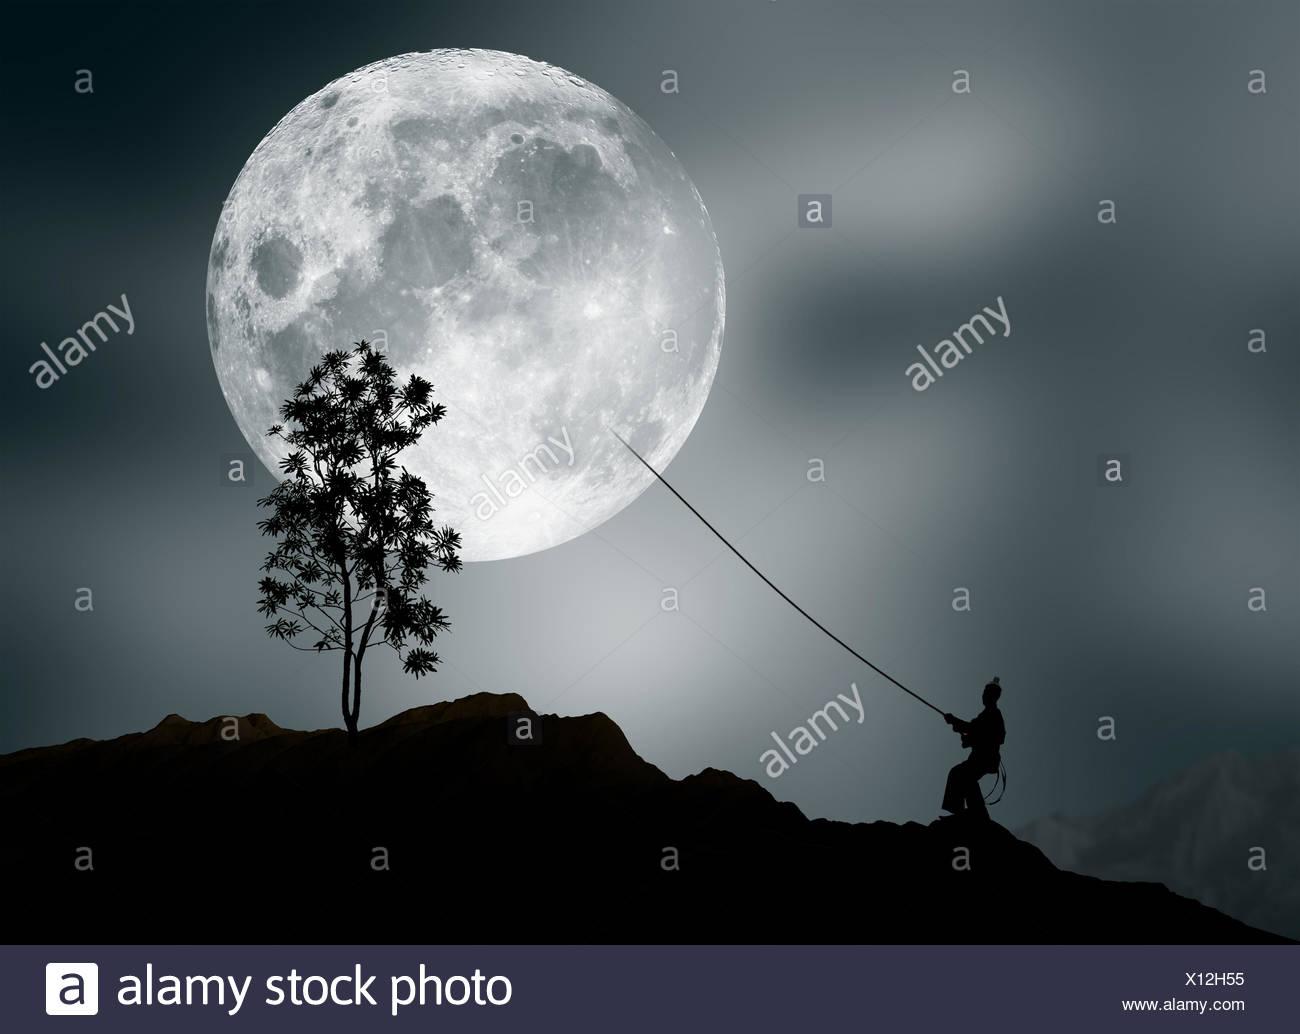 Qui fait semblant de voler lune Photo Stock